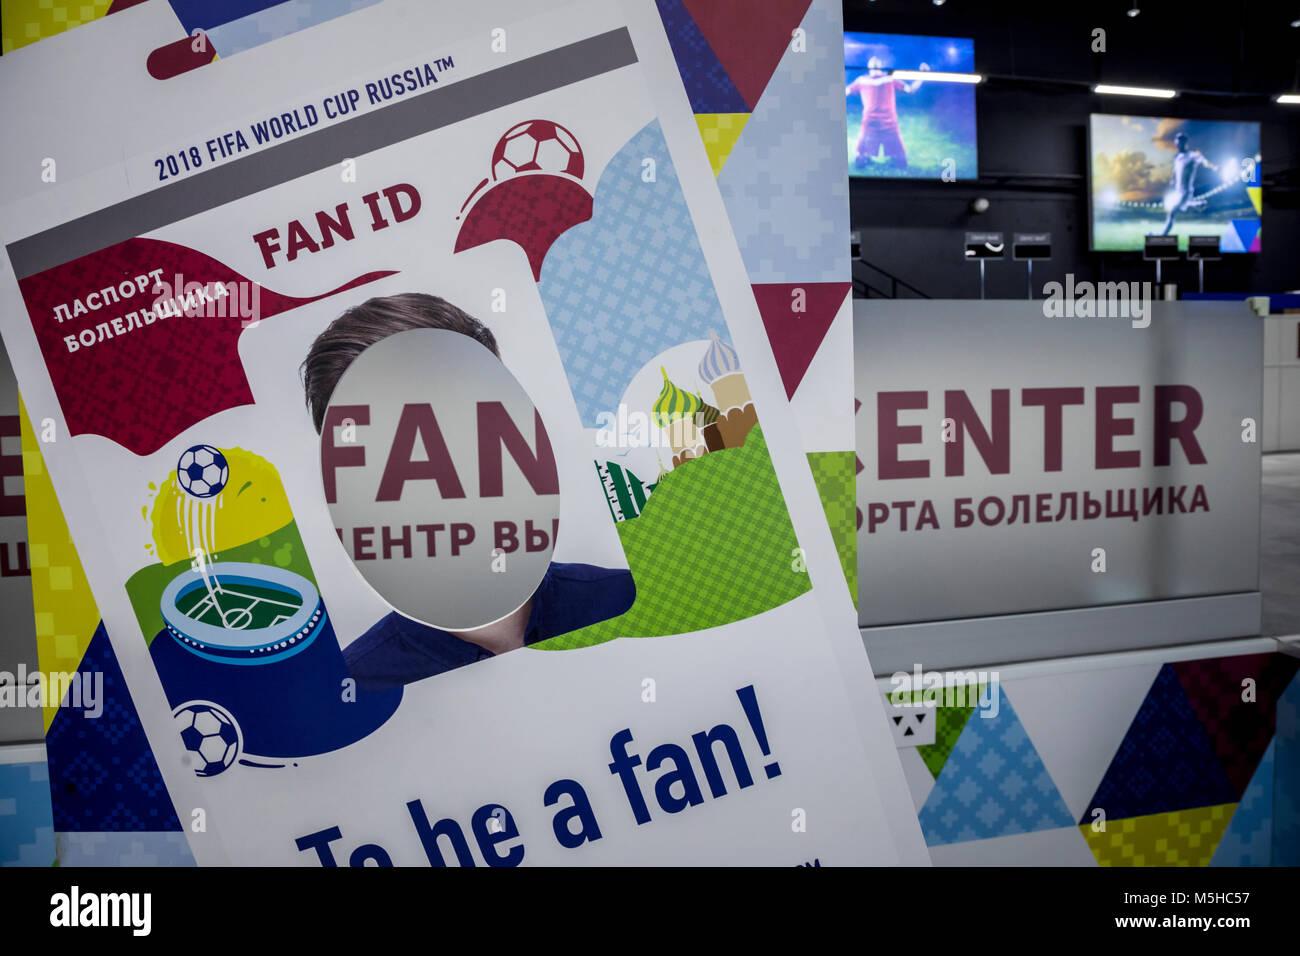 El interior del ventilador ID Distribution center de la Copa Mundial de la FIFA de 2018 en Moscú, Rusia Imagen De Stock